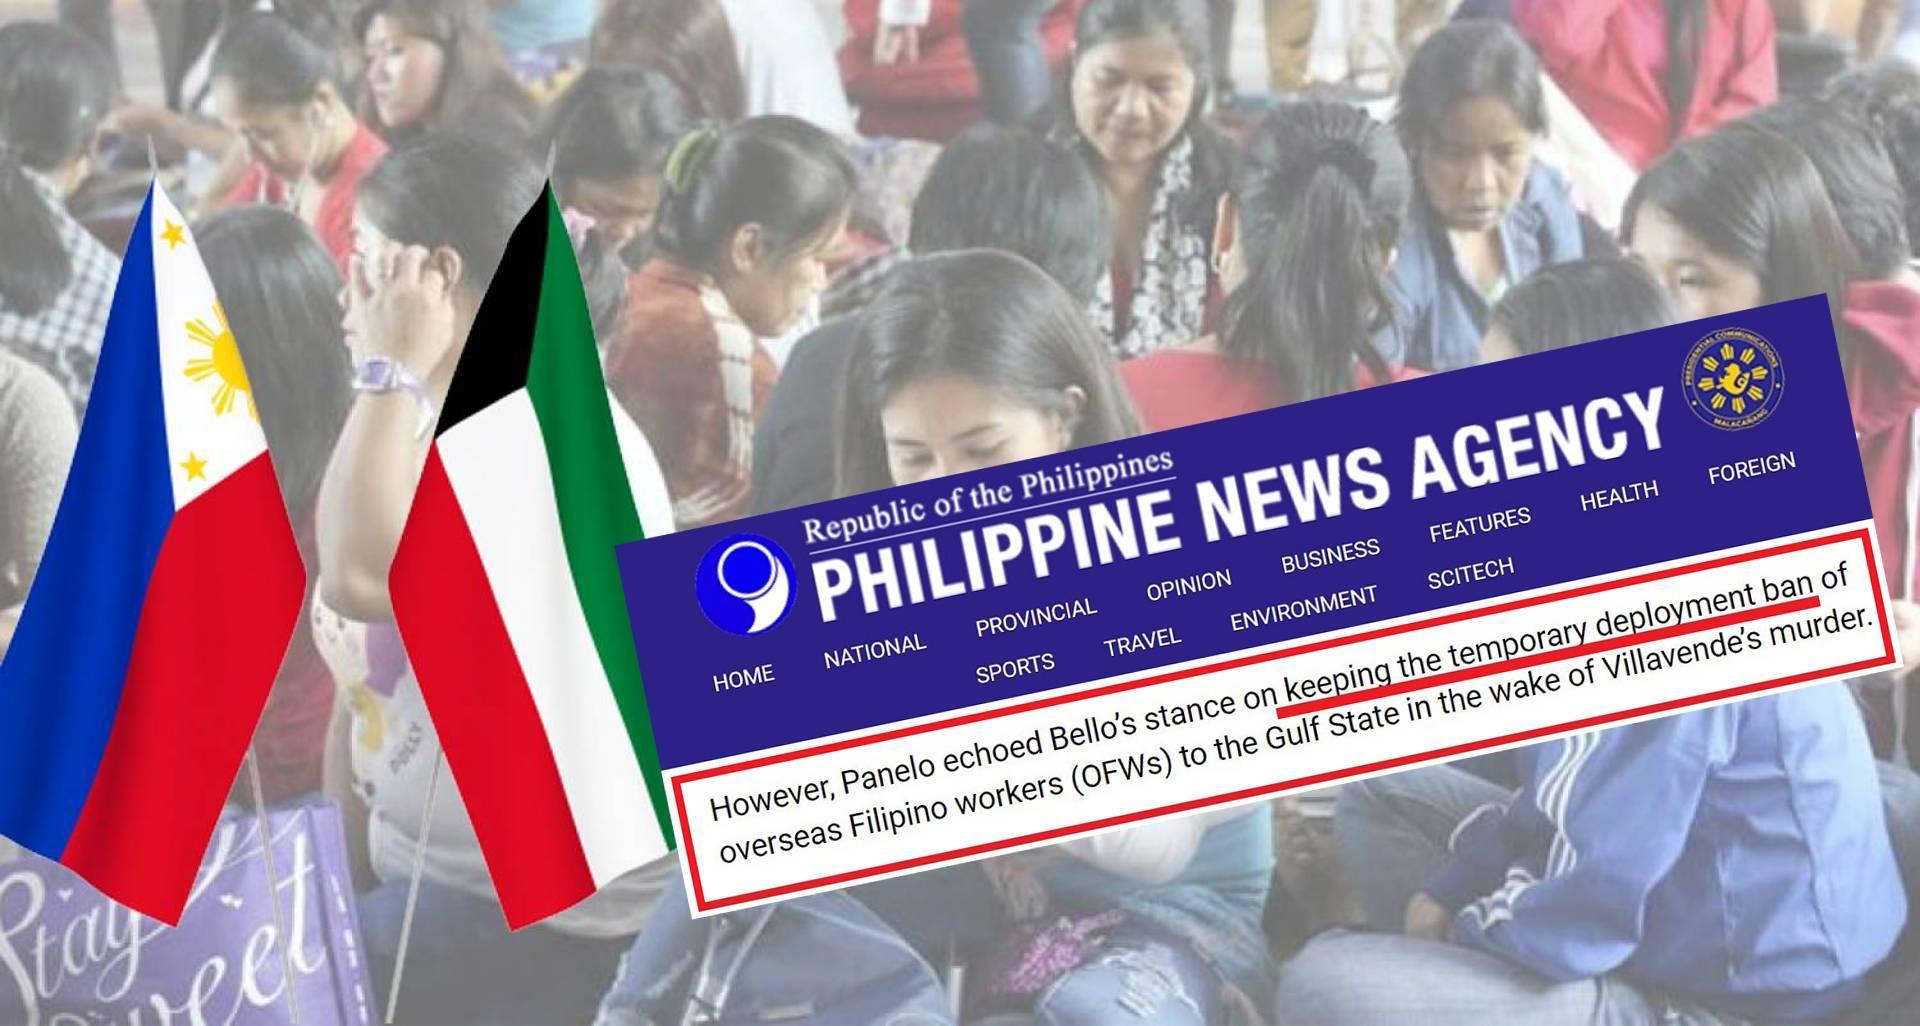 الفلبين تصدر بياناً هاماً بشأن حظر إرسال العمالة إلى الكويت